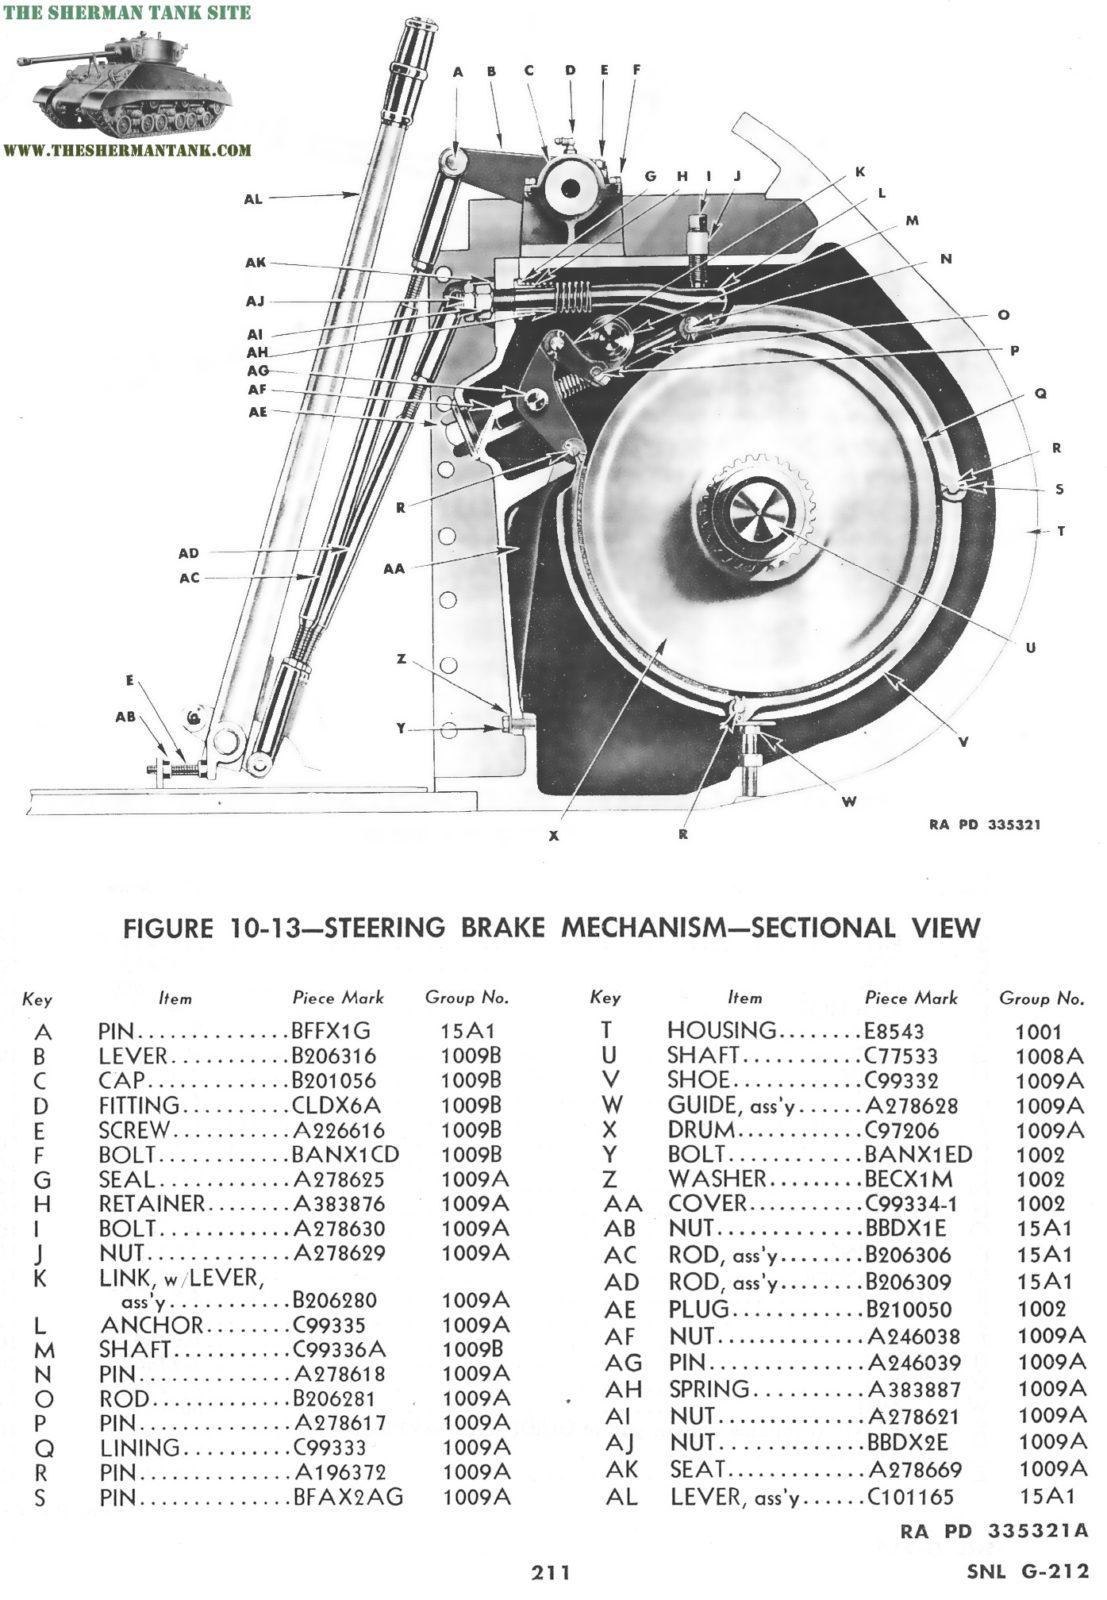 P211-ORD-9-G-212-STEERING-BRAKE-MECH-SEC